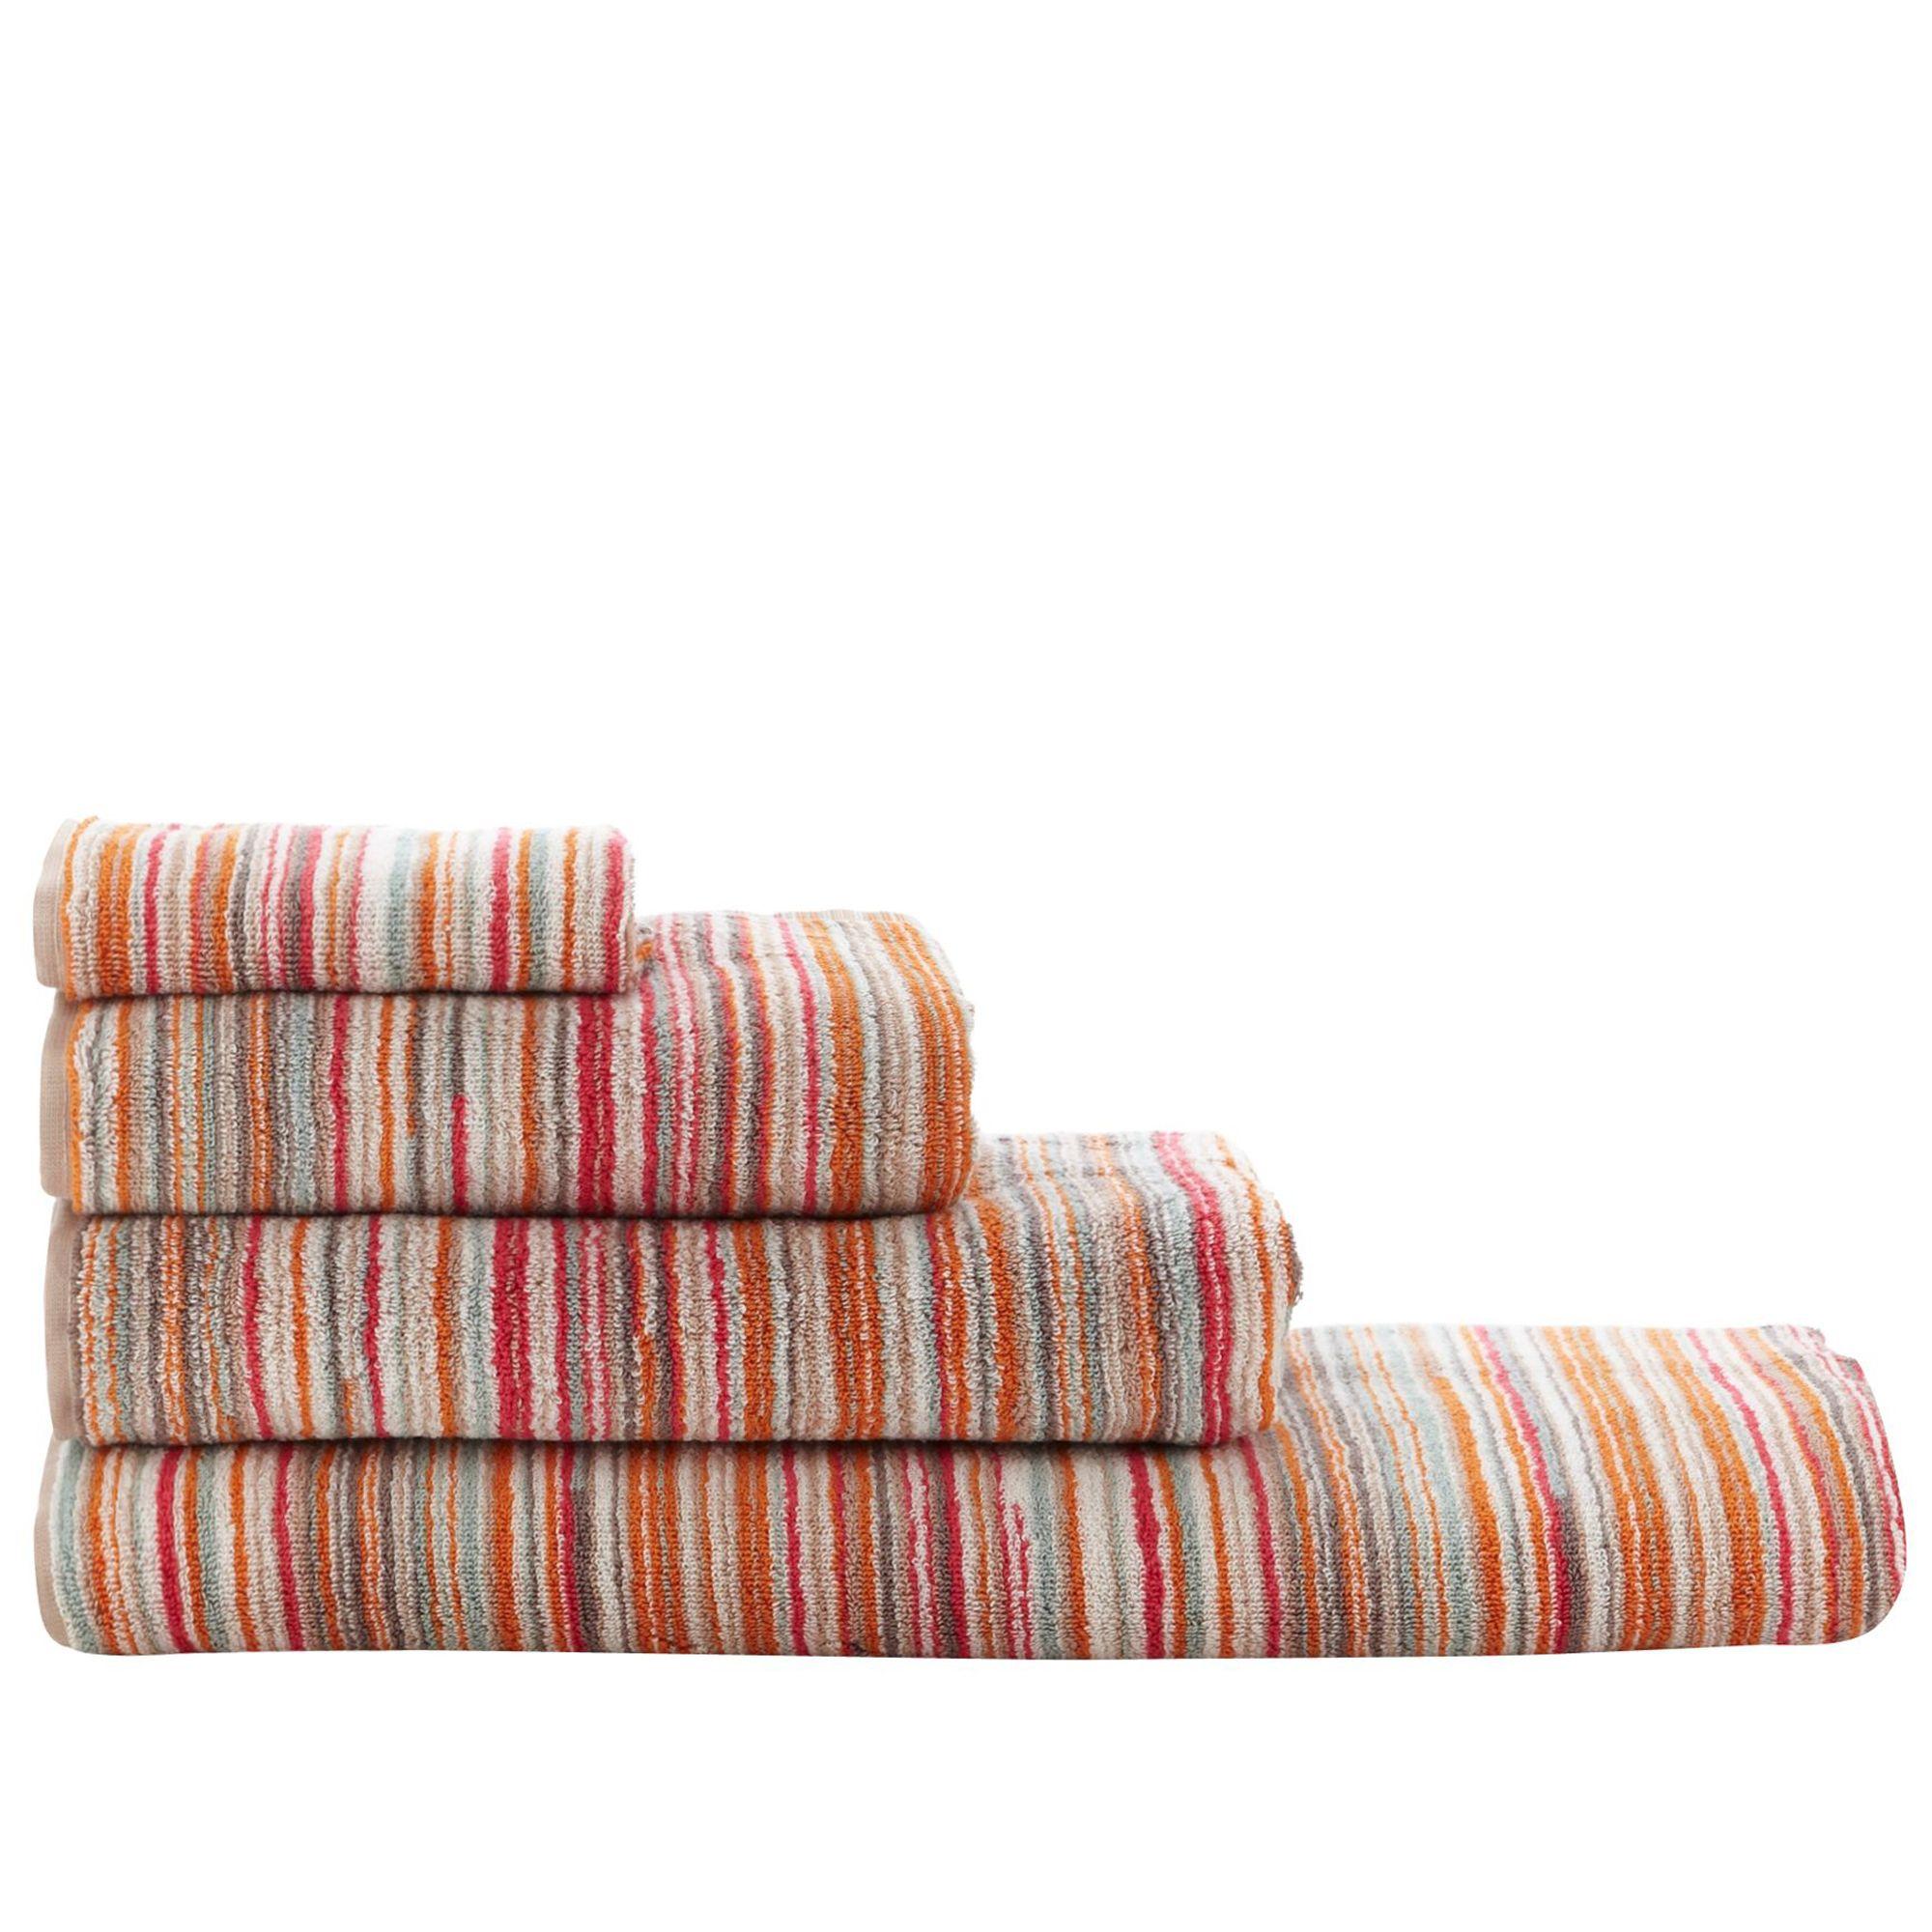 Shower Towel Broke: Ben De Lisi Home Orange 'Broken Stripe' Towels From